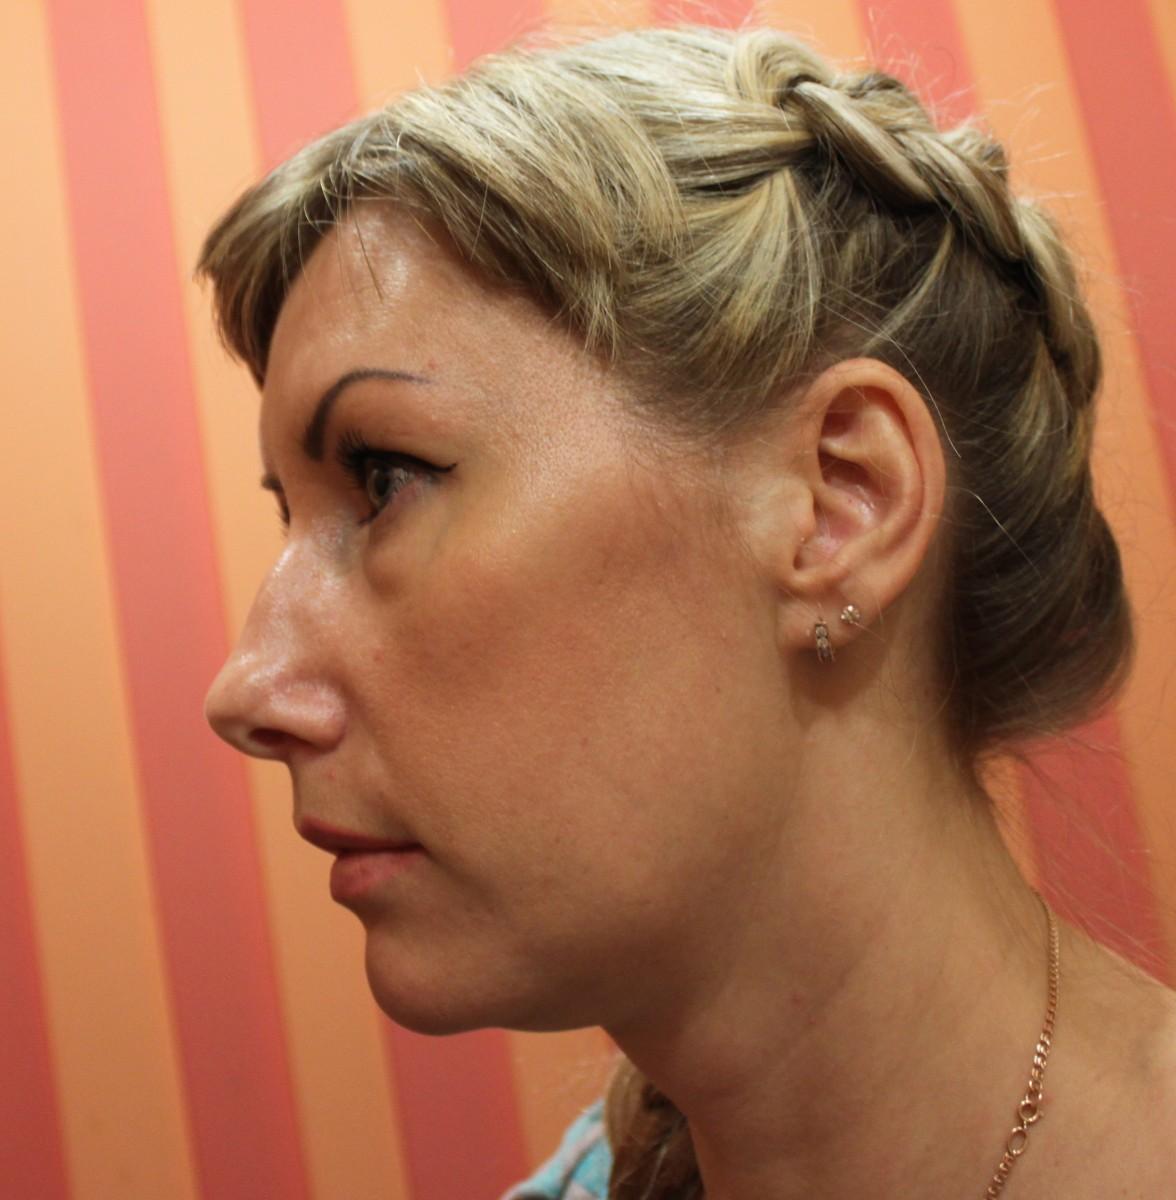 Маска для лица и волос из масла виноградных косточек